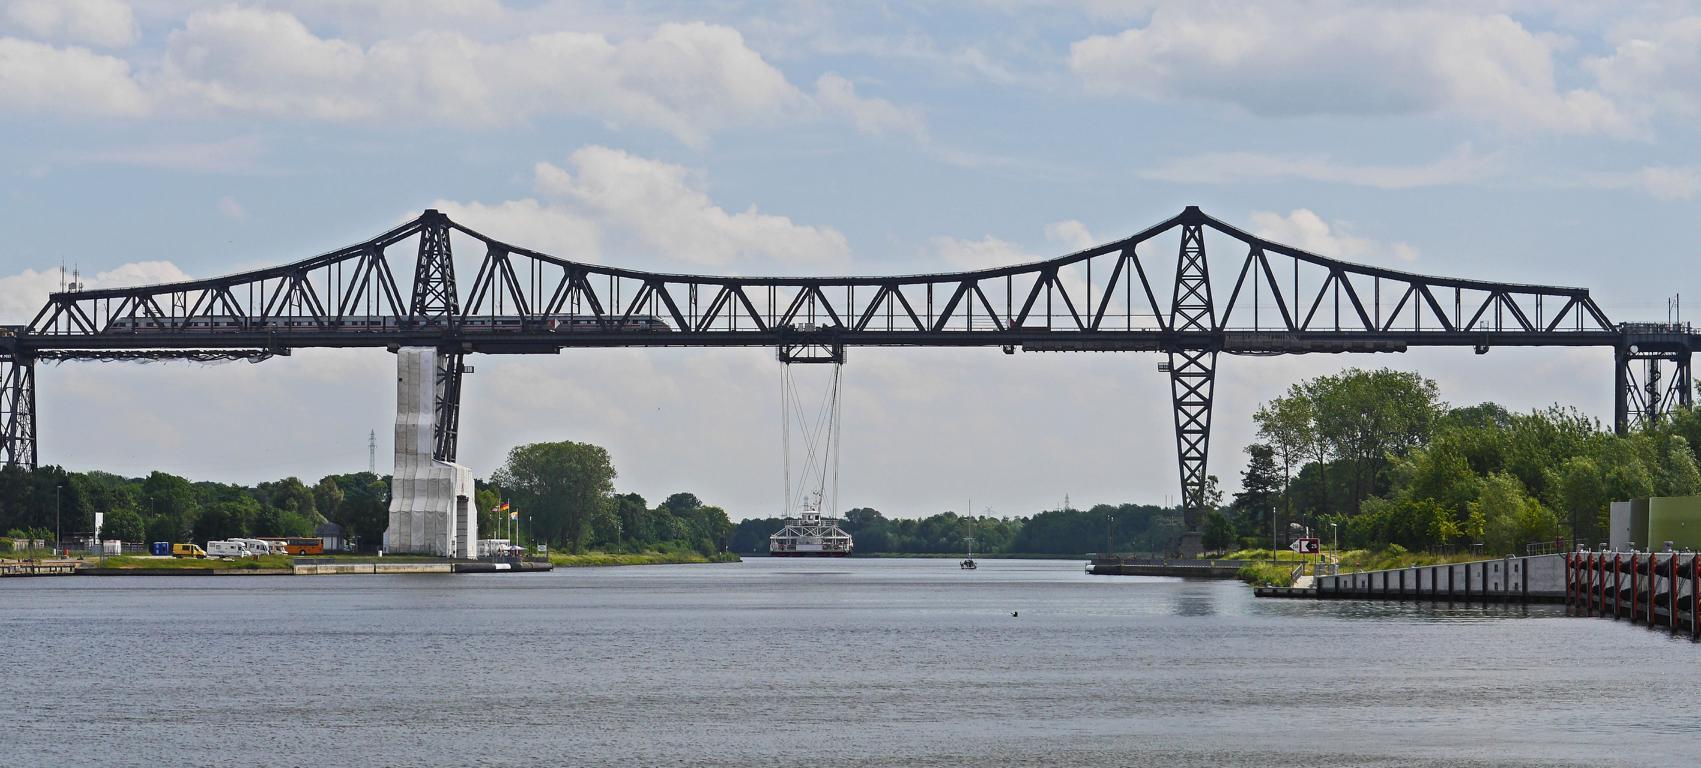 Rendsburger Hochbrücke mit SchwebefähreNordostseekanal Rendsburg Schleswig Holstein Ferry Tails Fährimaa